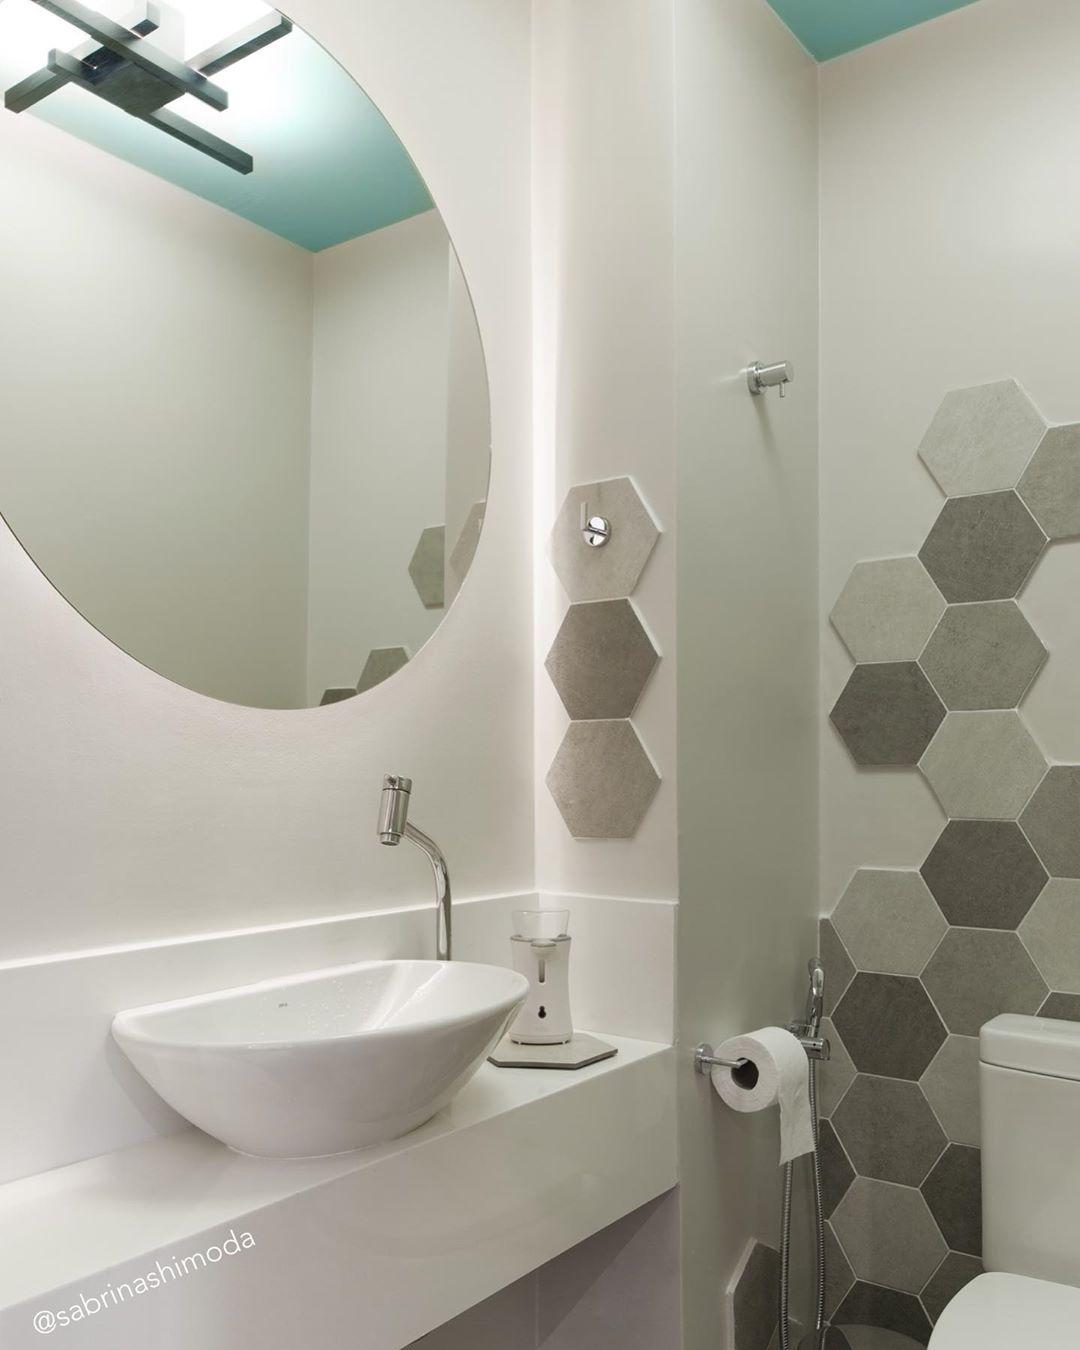 espelho redondo no lavabo